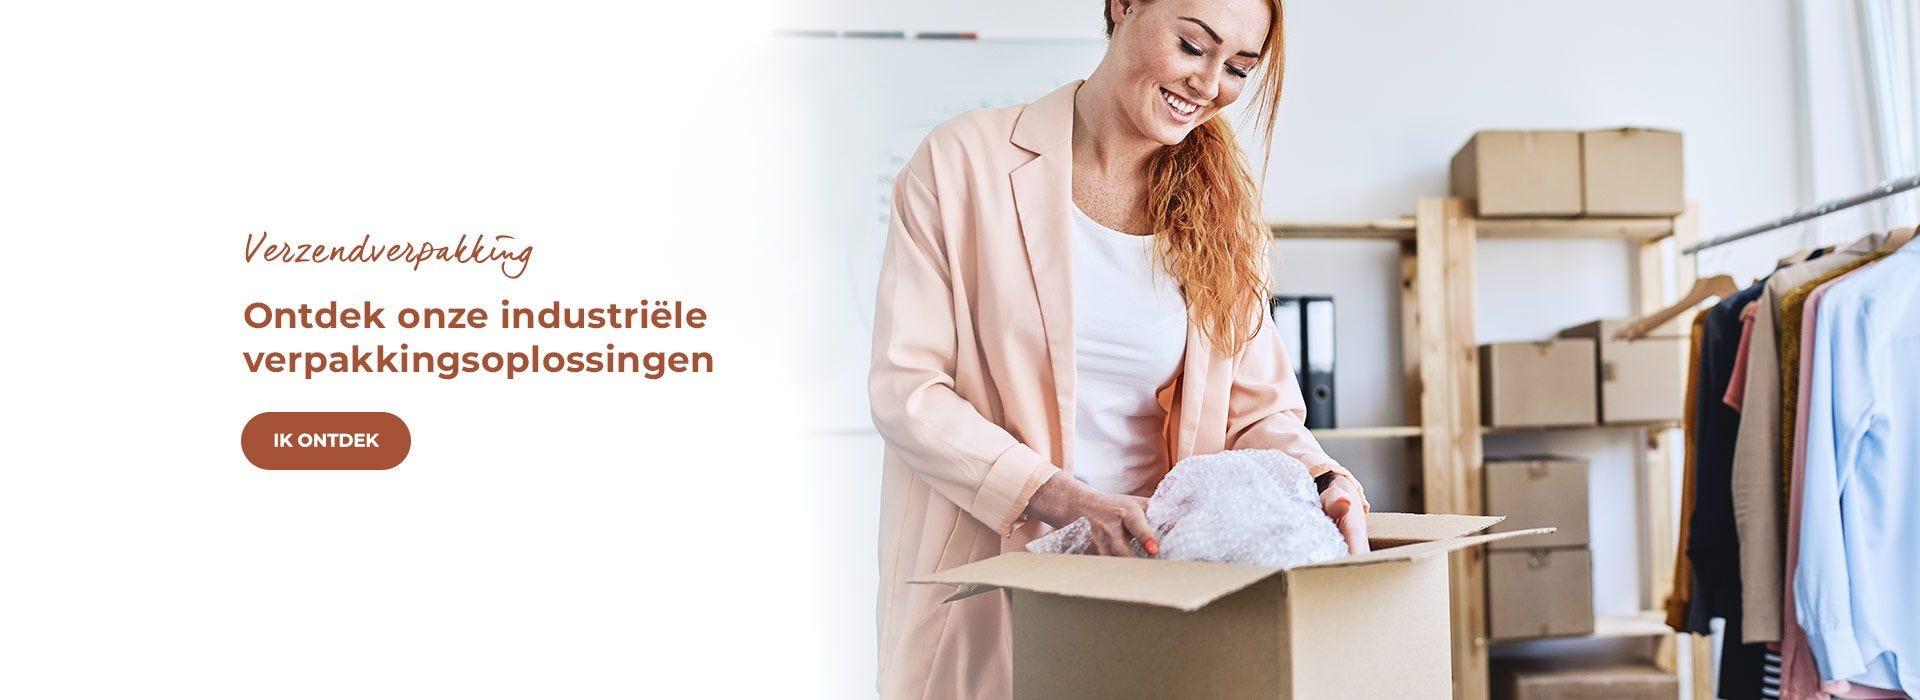 Ontdek onze industriële verpakkingsoplossingen